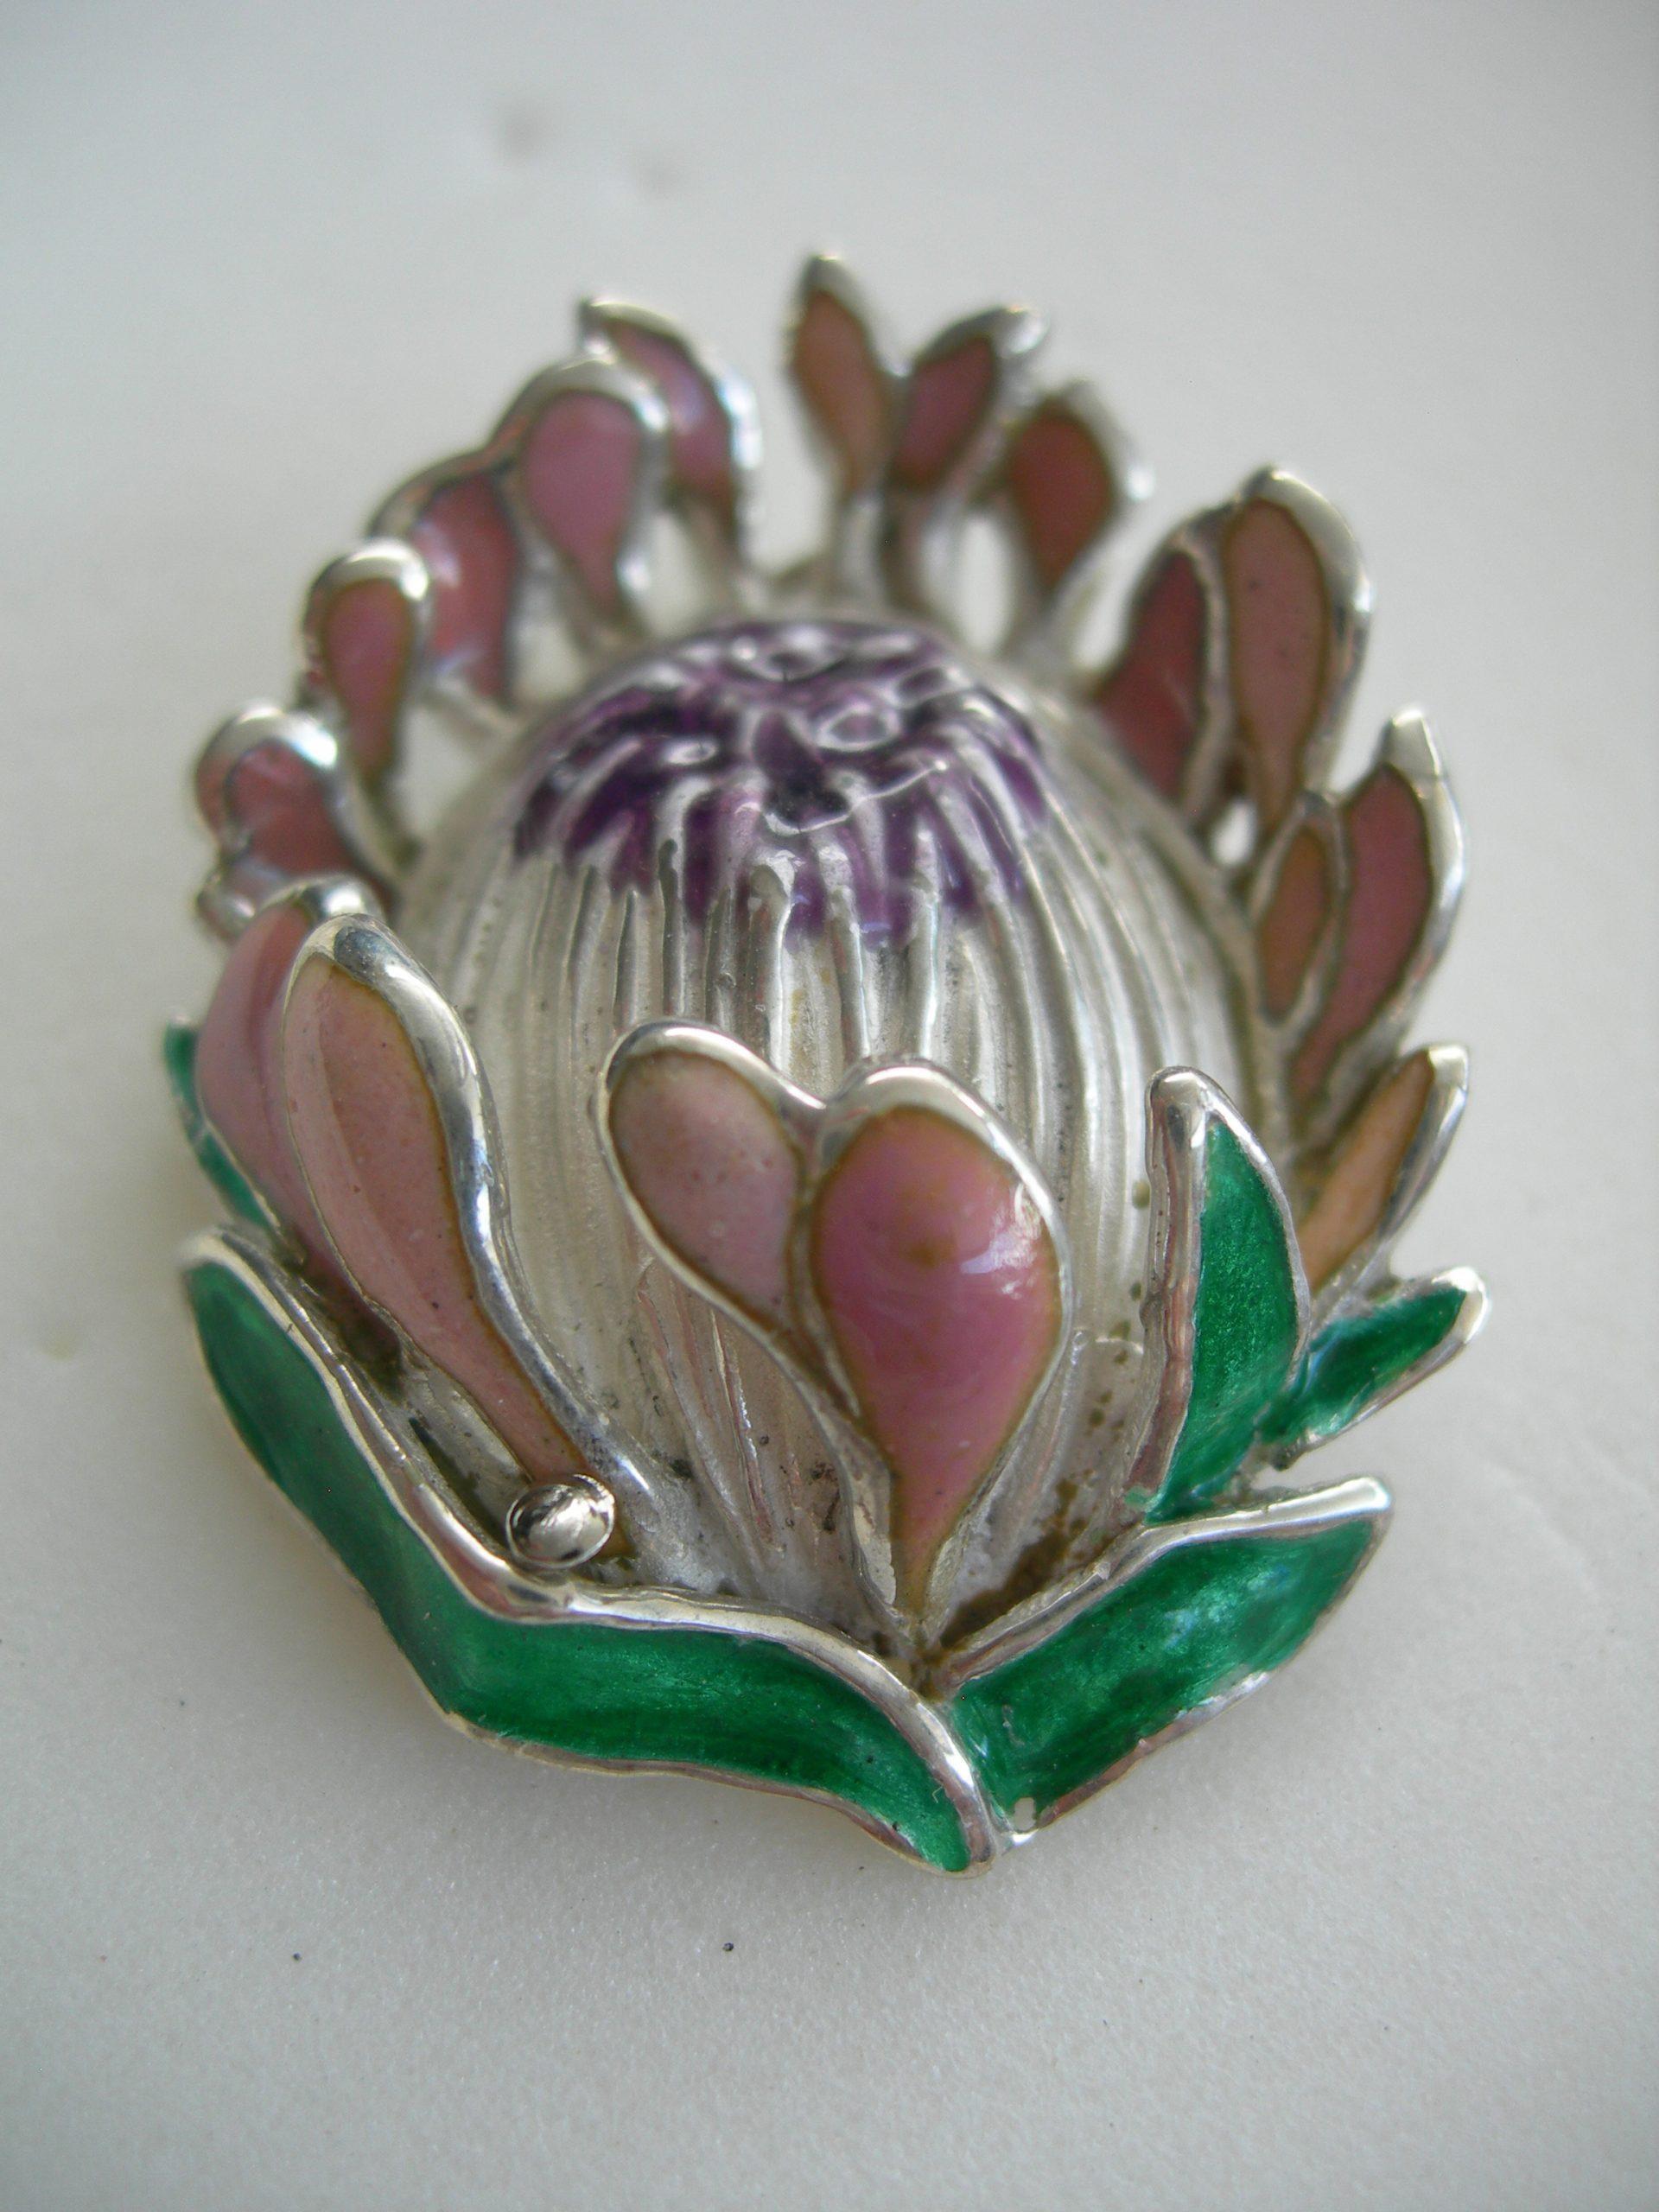 Queen protea pendant in sterling silver & vitreous enamel